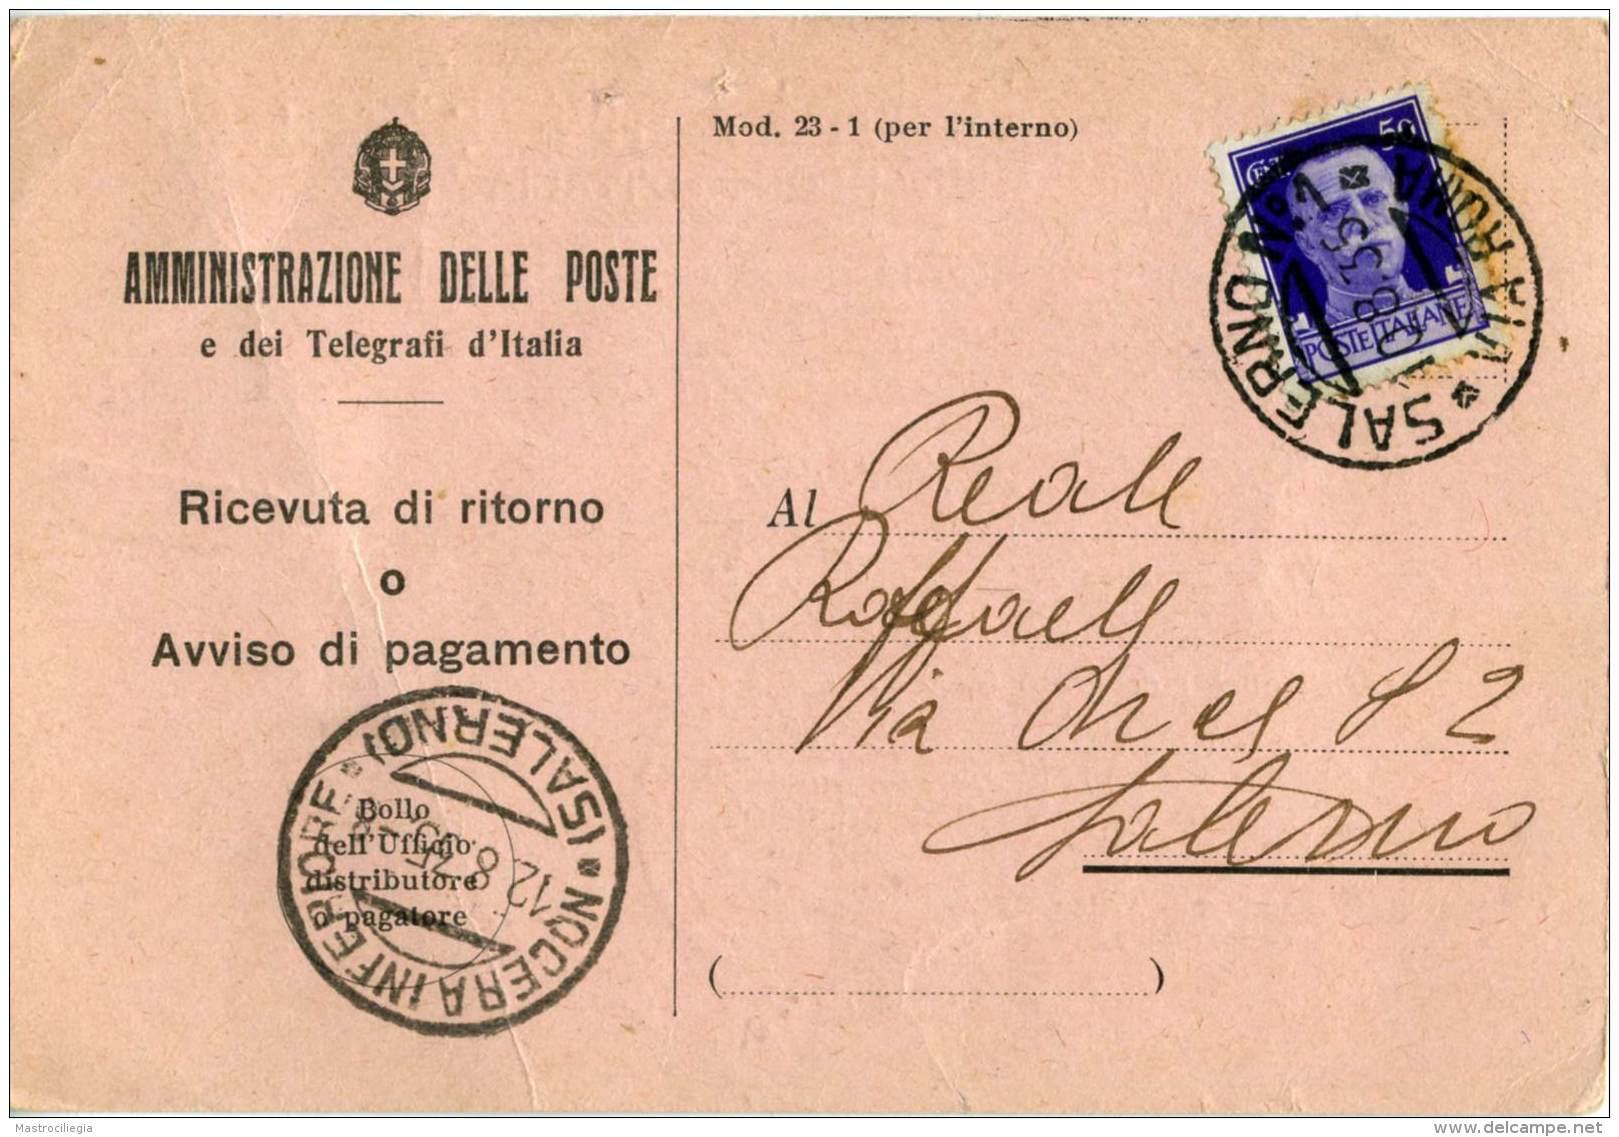 COMUNE DI SALERNO  Amministrazione Delle Poste E Telegrafi  Ricevuta Di Ritorno Per Nocera Inferiore  1935  50c - 1900-44 Vittorio Emanuele III